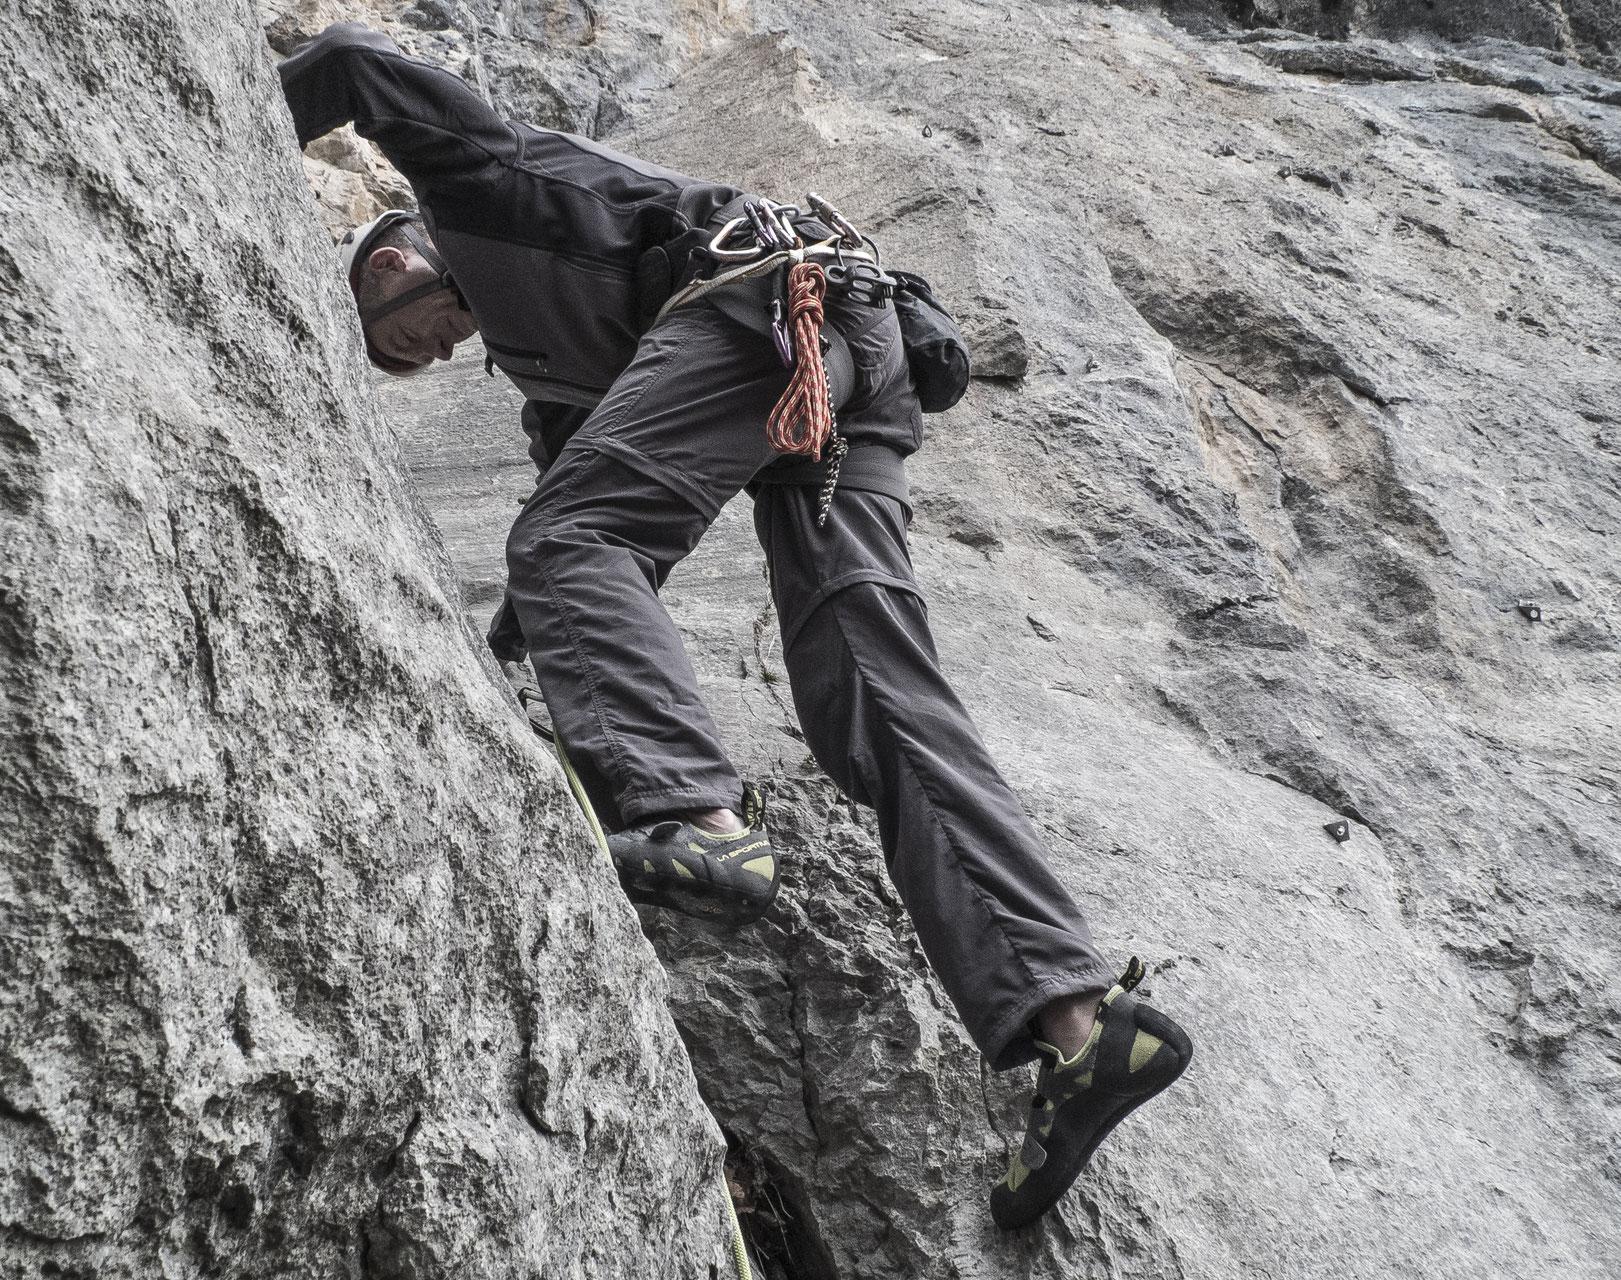 Klettergurt Und Helm : Edelrid jester comfort klettersteigset klettergurt eur